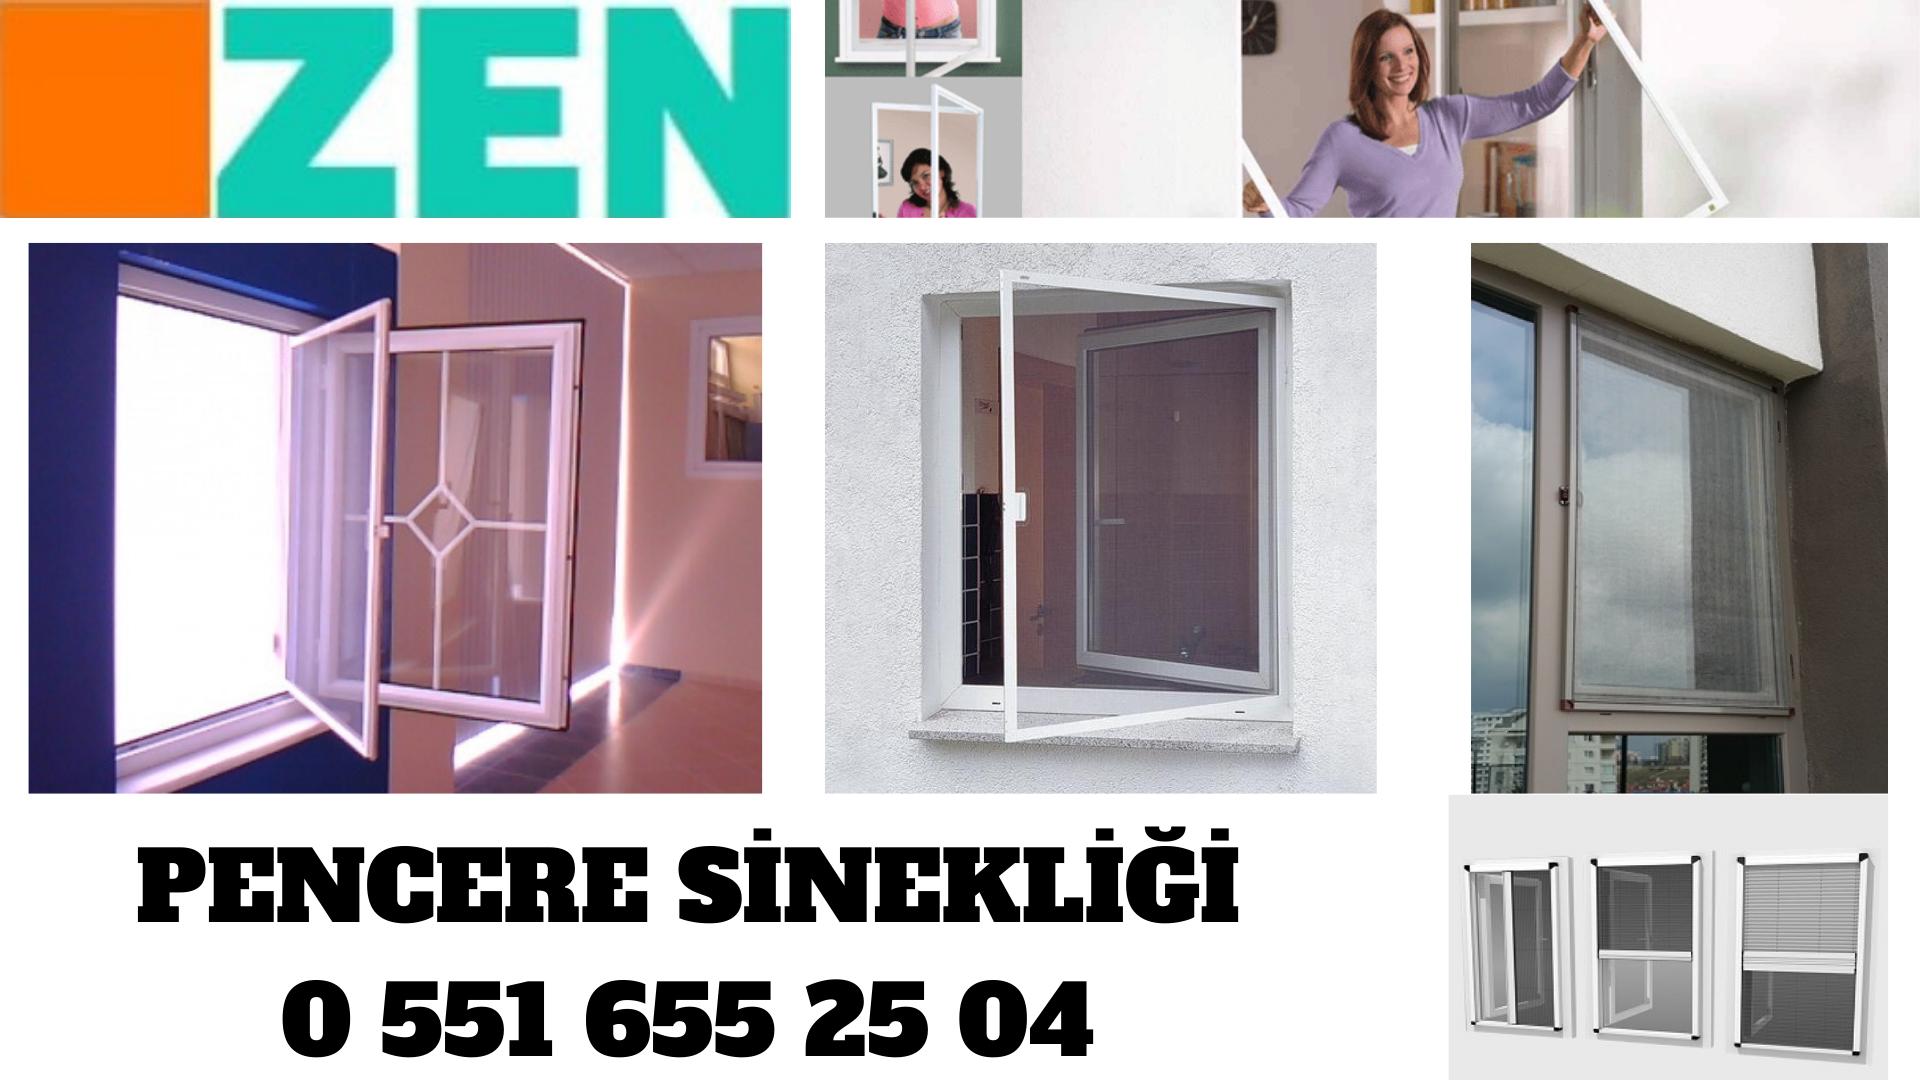 pencere sineklik modelleri İzmir